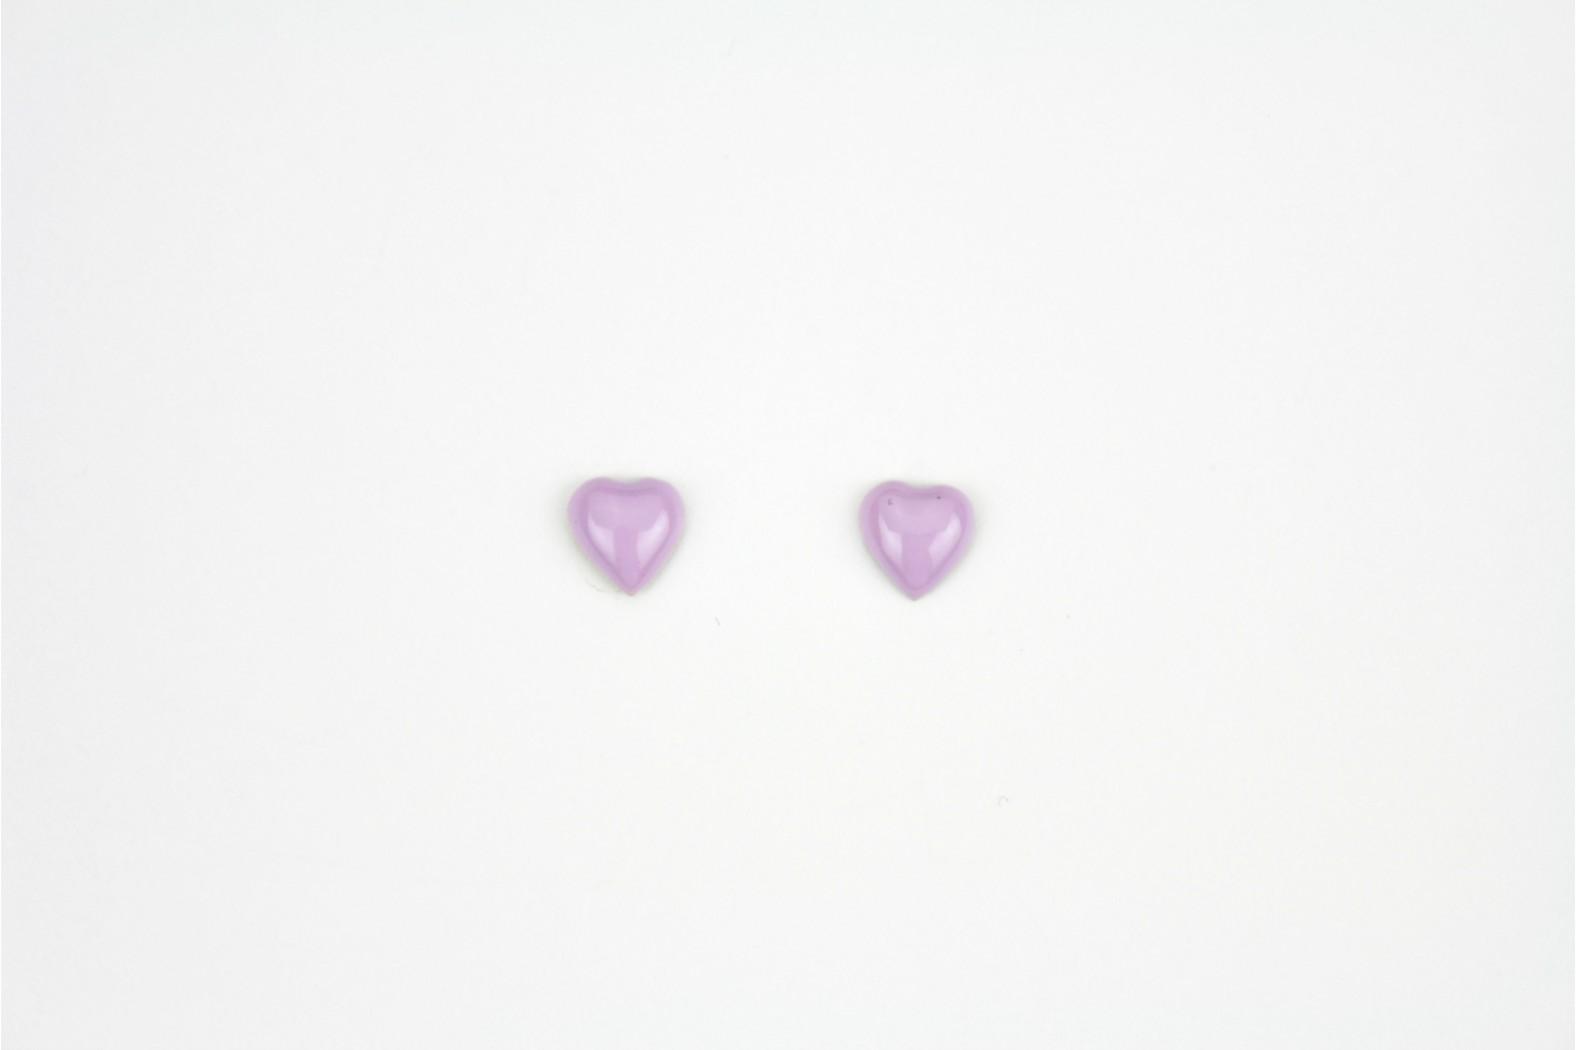 Purple Heart shaped enamel design stud earrings